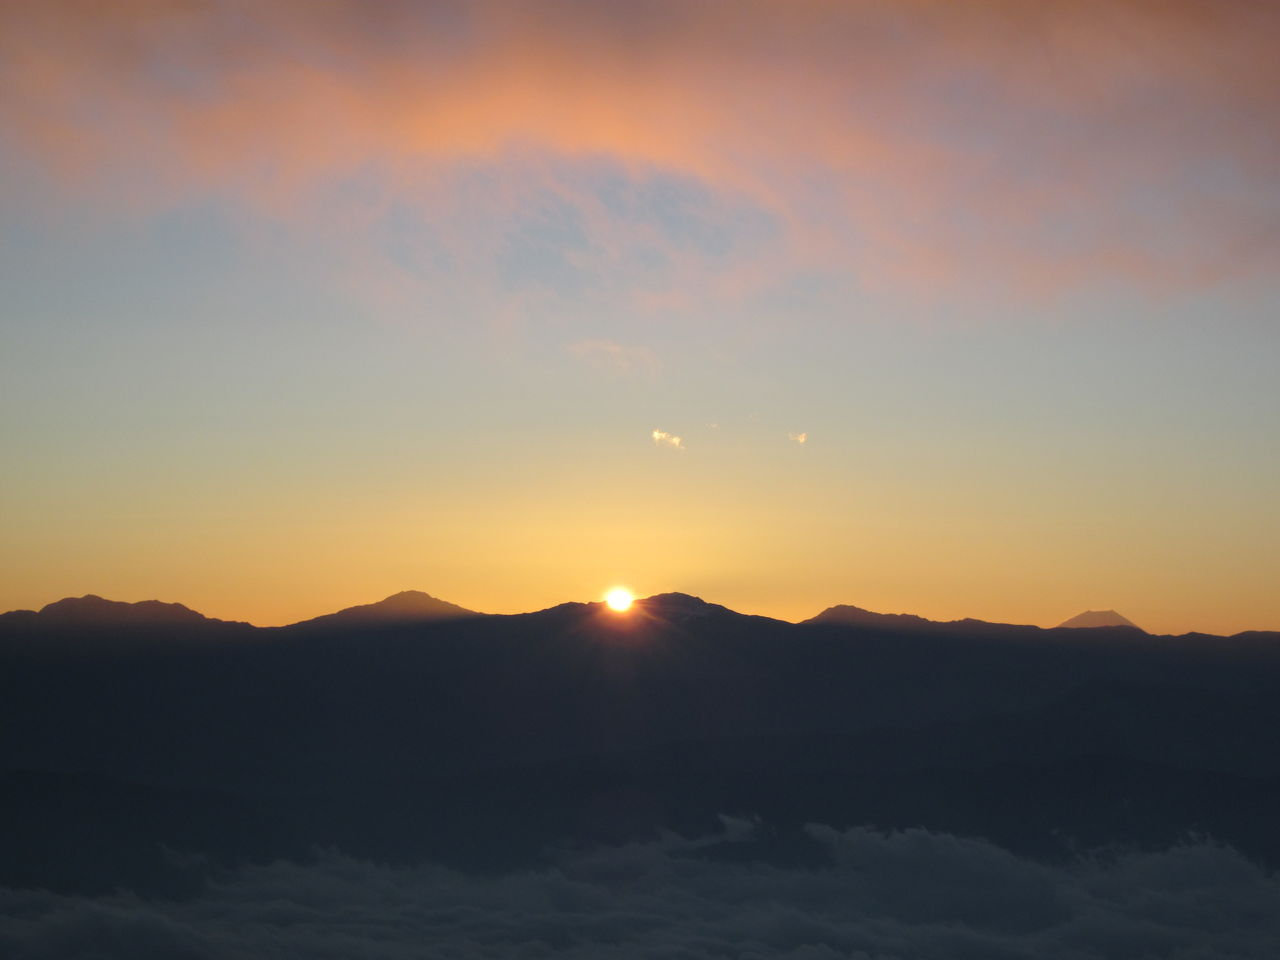 121106 駒ヶ岳・千畳敷H朝日と雲15